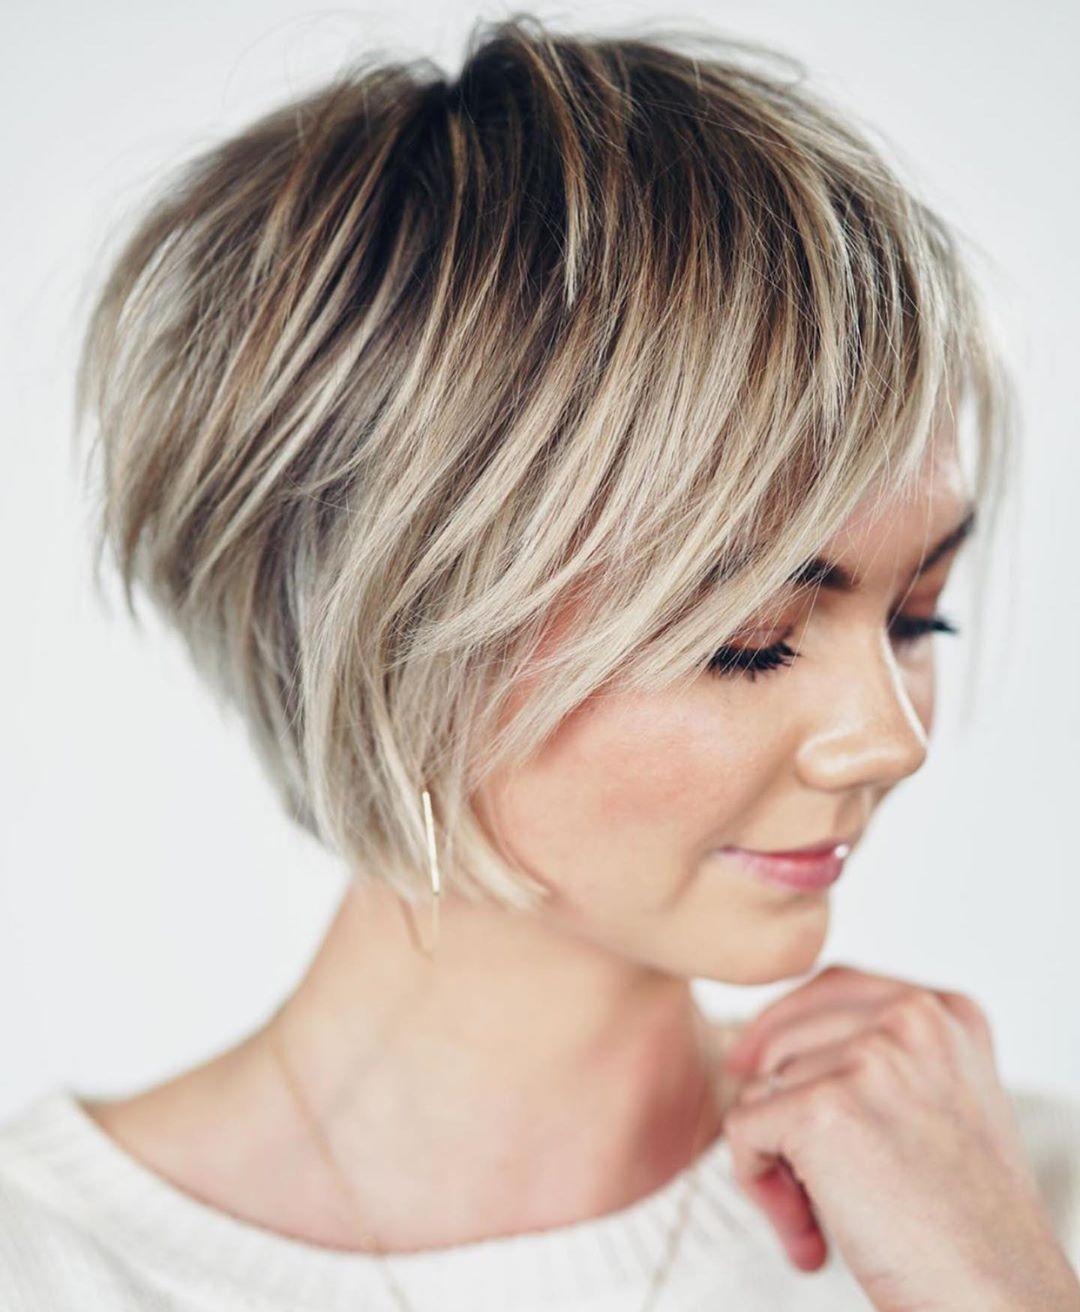 10x Kurze Frisuren Fur Heisse Sommertage In 2020 Frisur Ab 40 Modische Frisuren Haarschnitt Bob